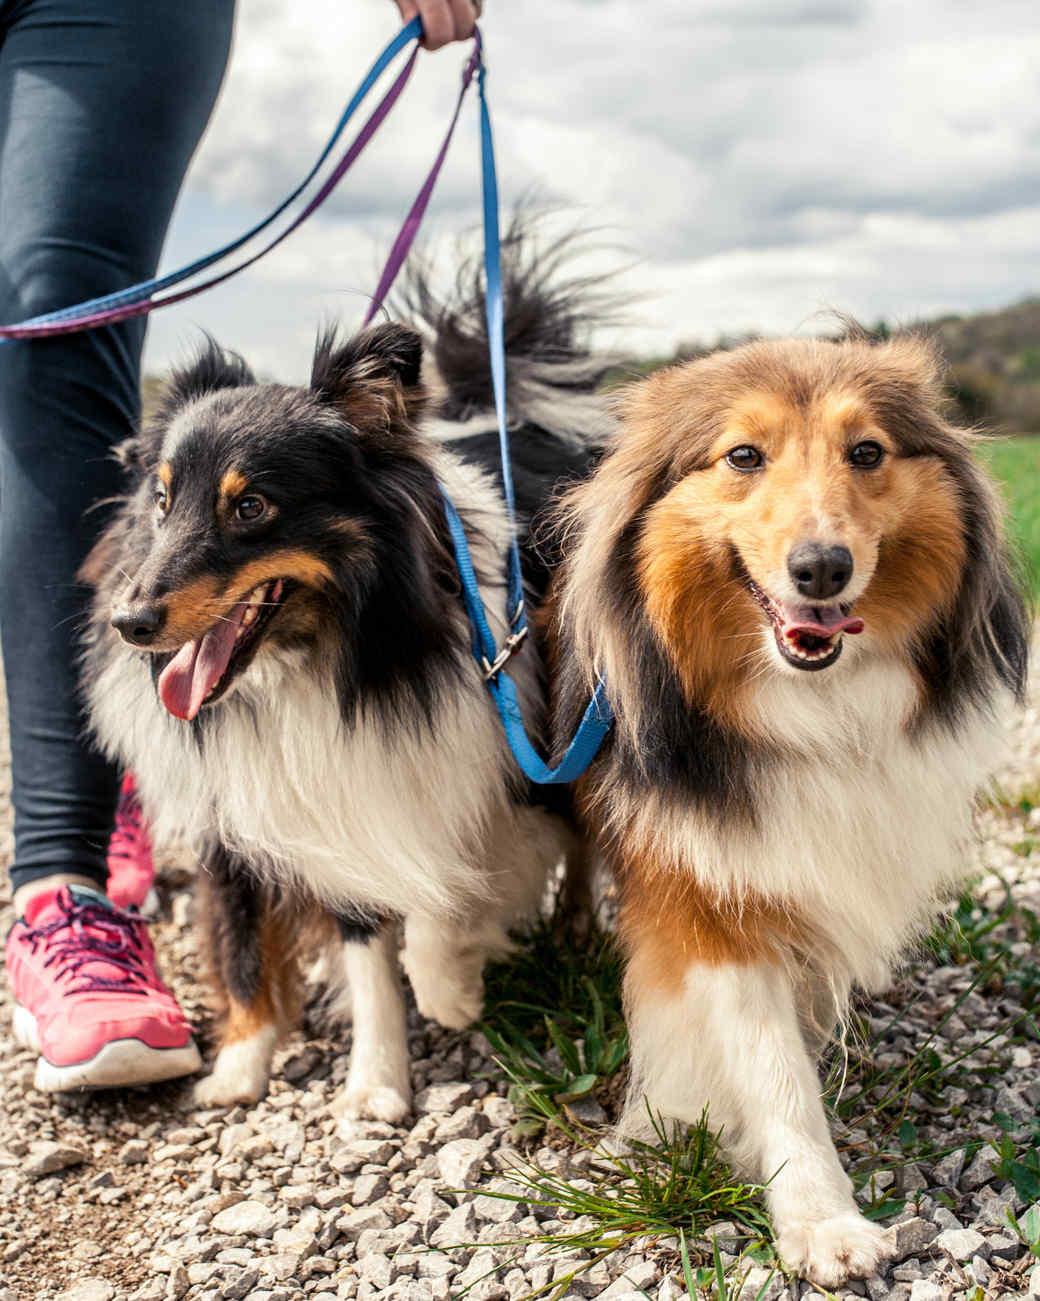 shepherd dogs walking on a leash